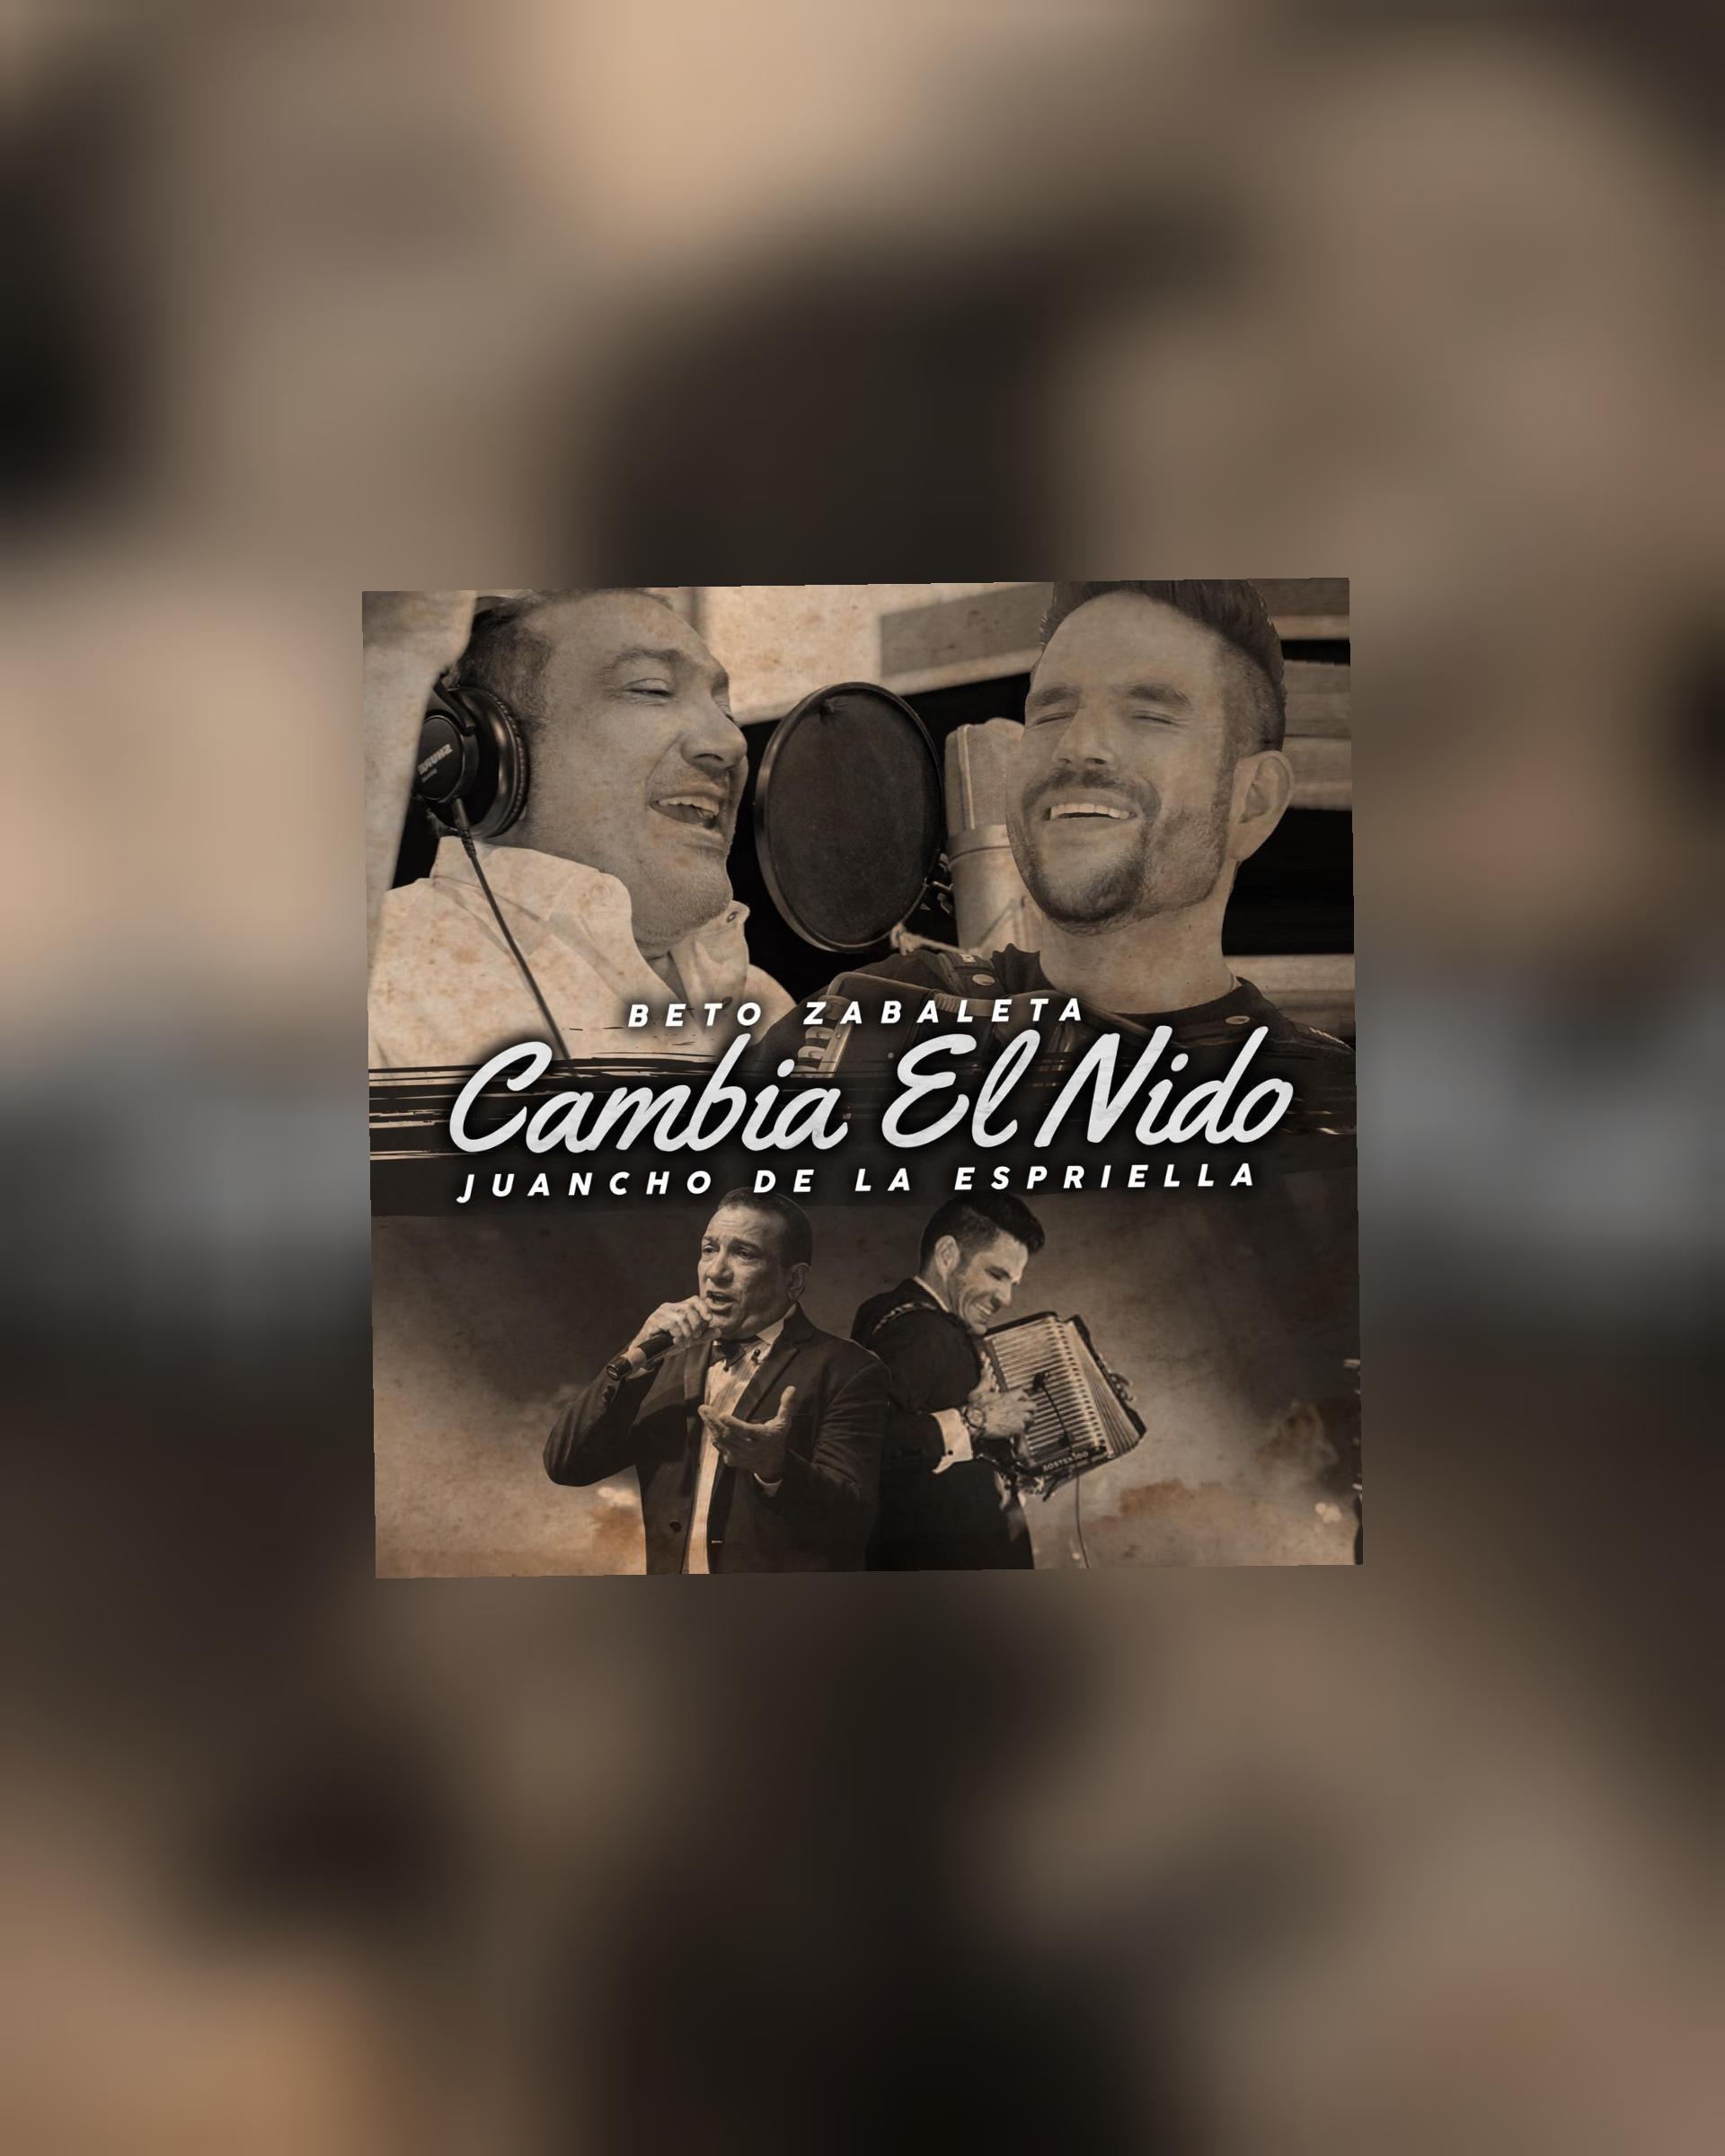 """Beto Zabaleta y Juancho De La Espriella presentan """"Cambia El Nido"""" 2020"""